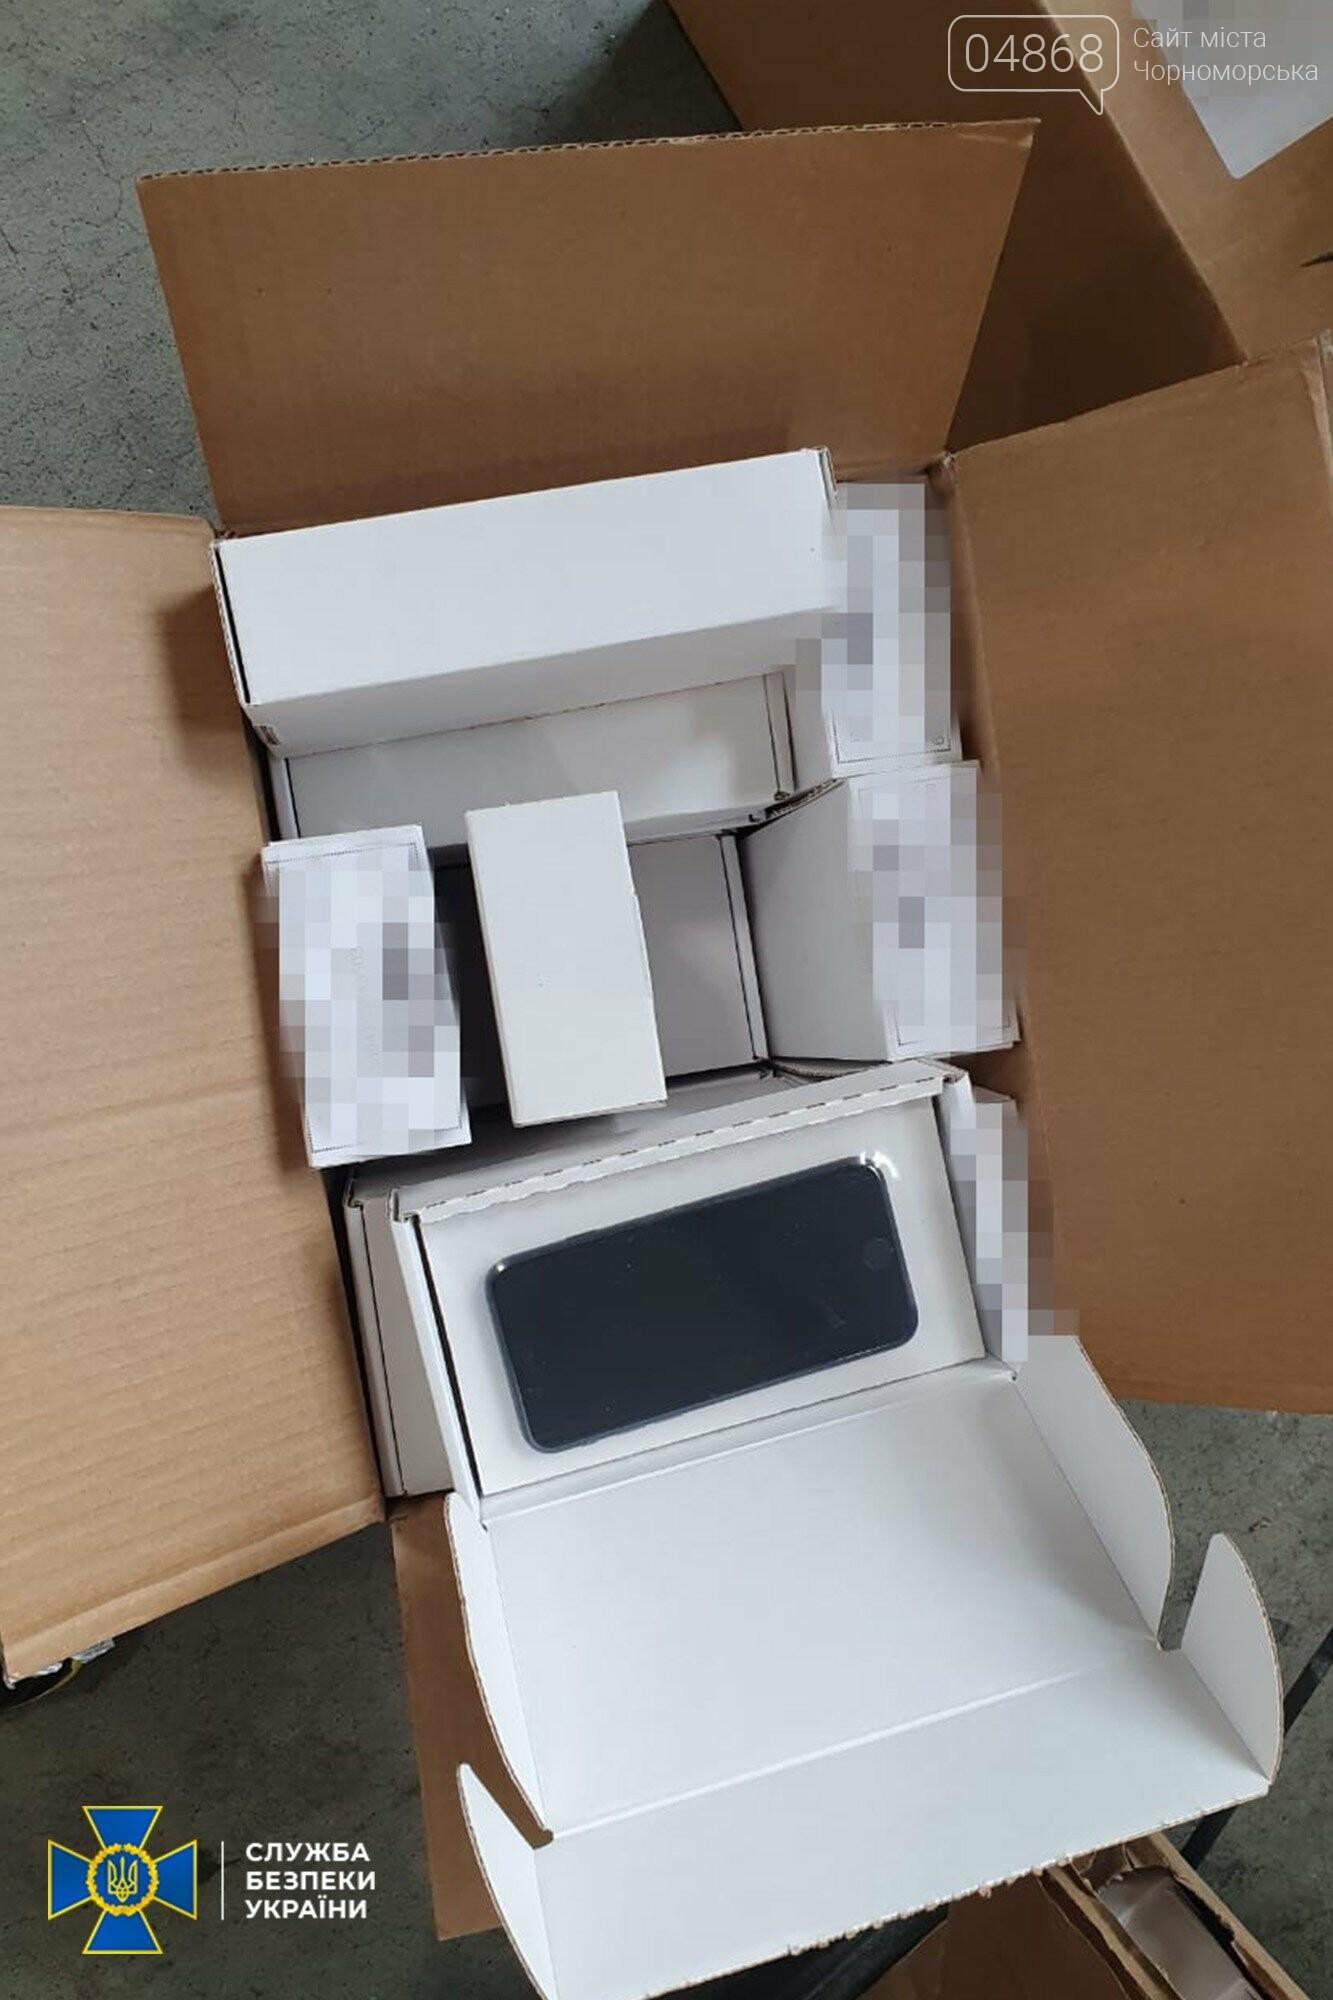 Посылка на миллионы: СБУ раскрыла канал контрабанды  «Apple» в Украину, фото-3